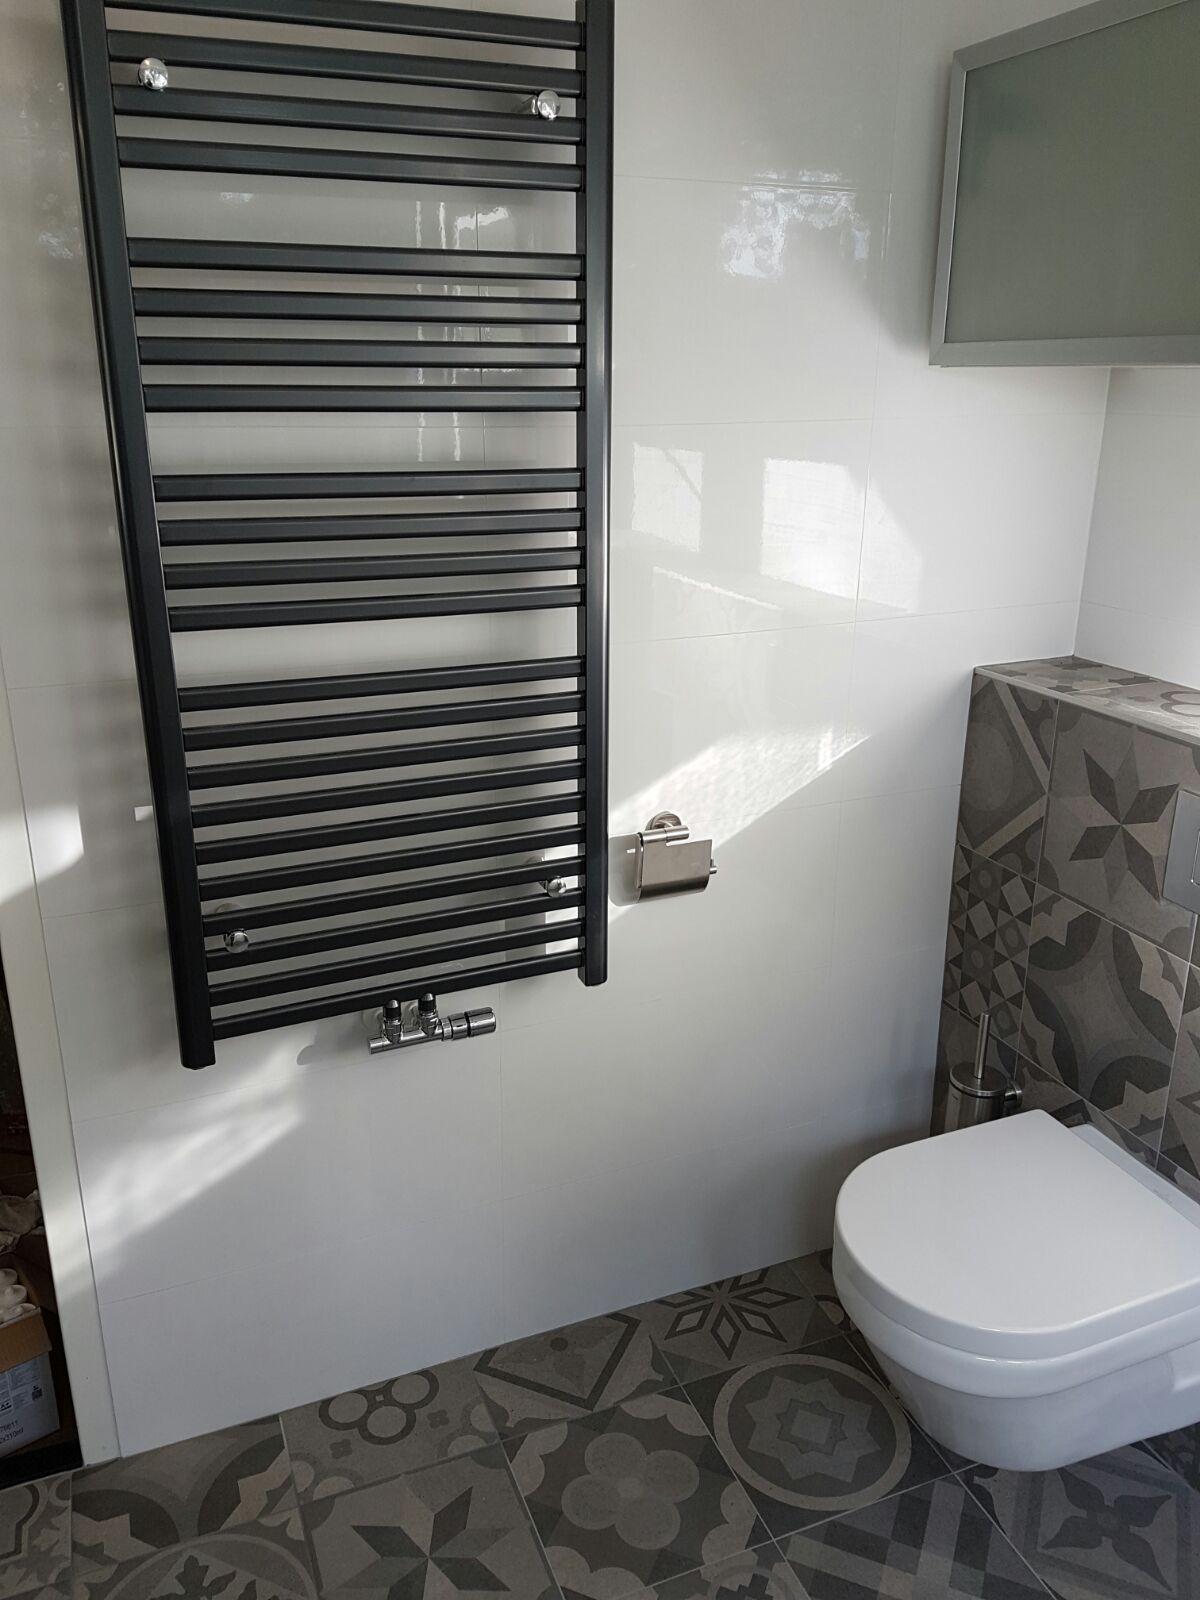 badkamer betegelt met patroontegels uit de vives serie ribadeo